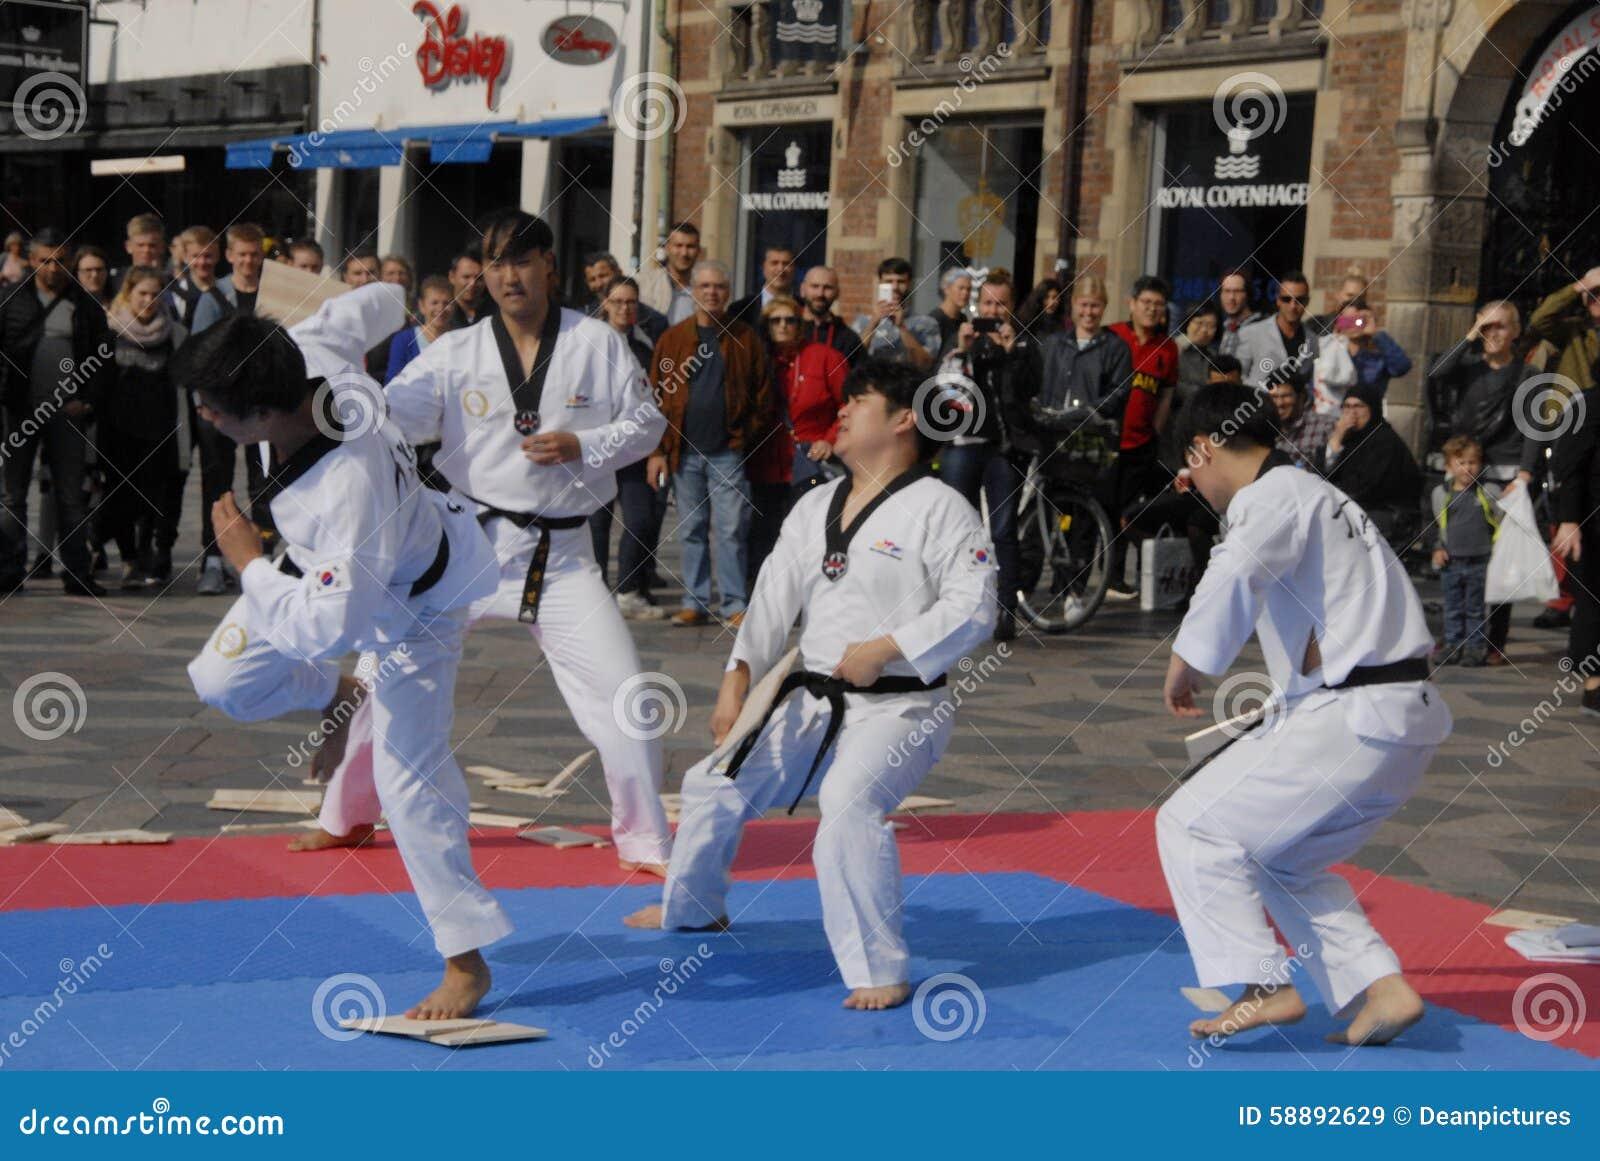 Tae kwon robi korpusów pokojowych